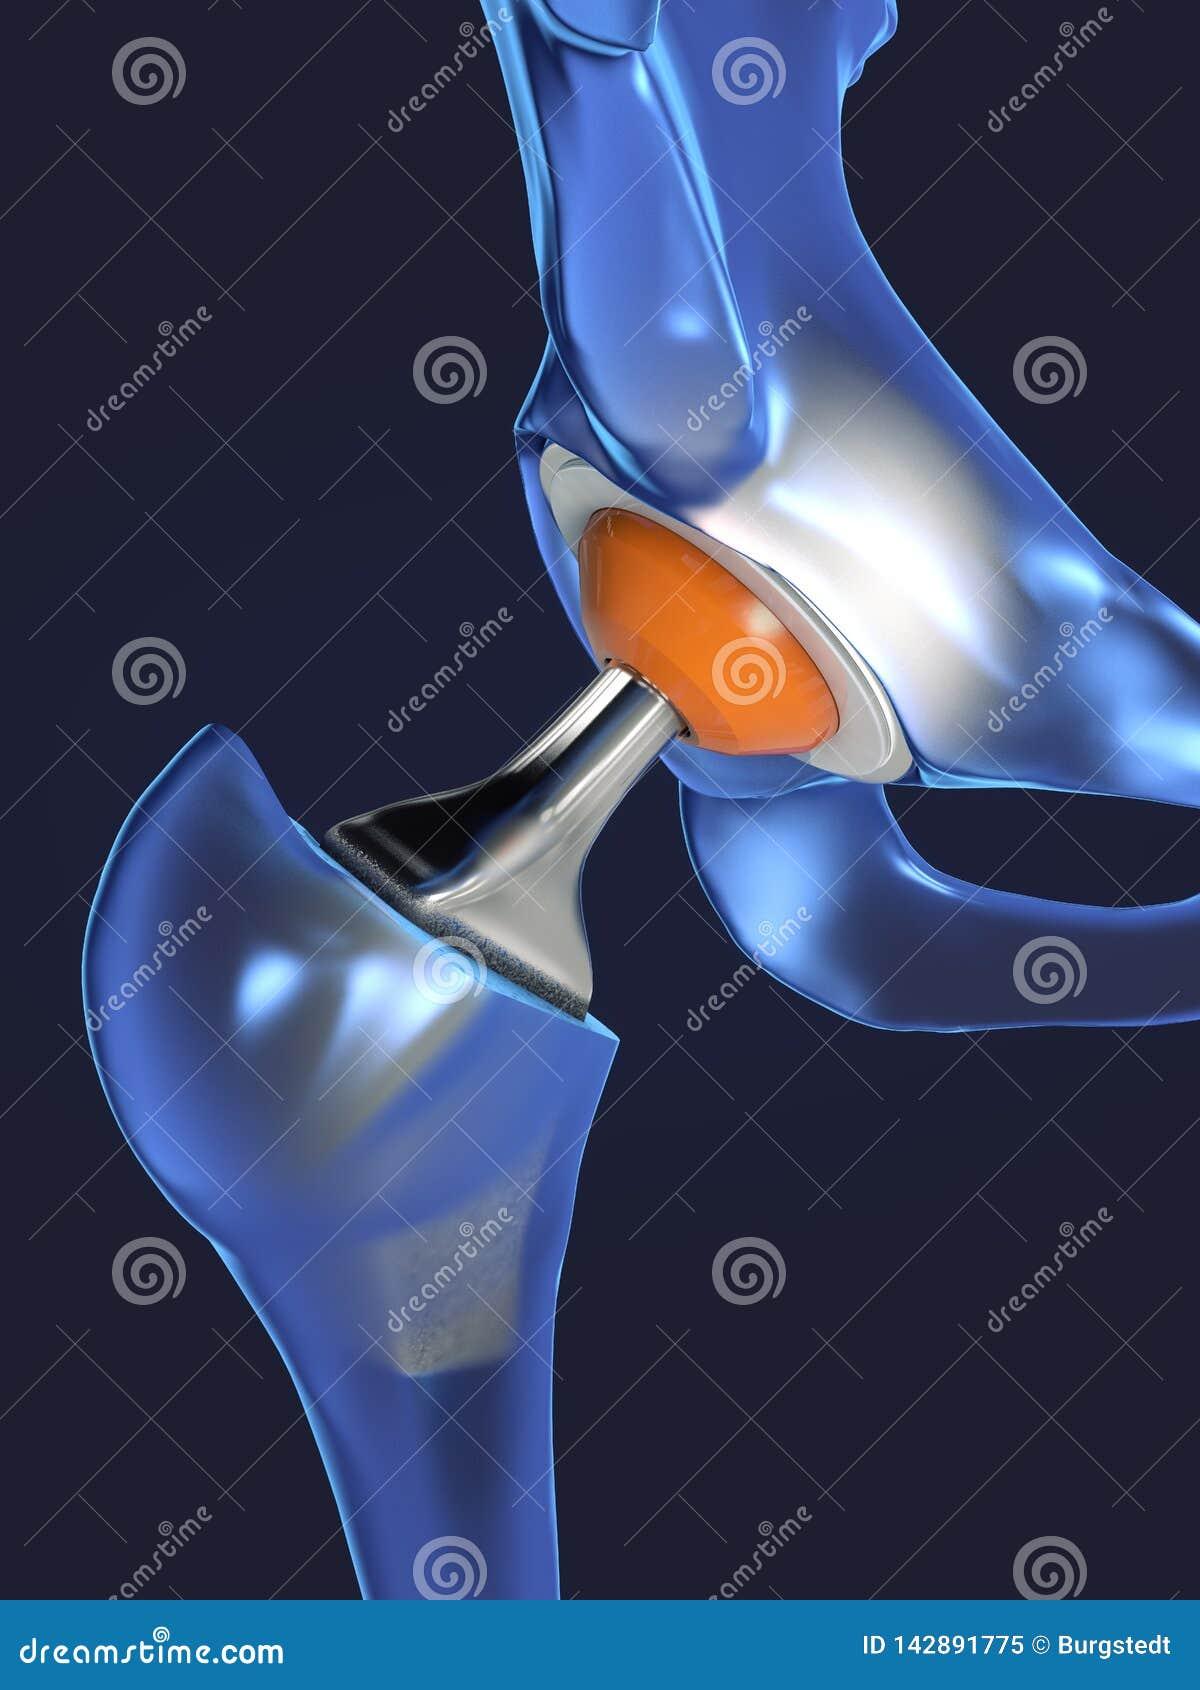 Funktion av en höftledimplantat eller en höftprotes i frontal sikt